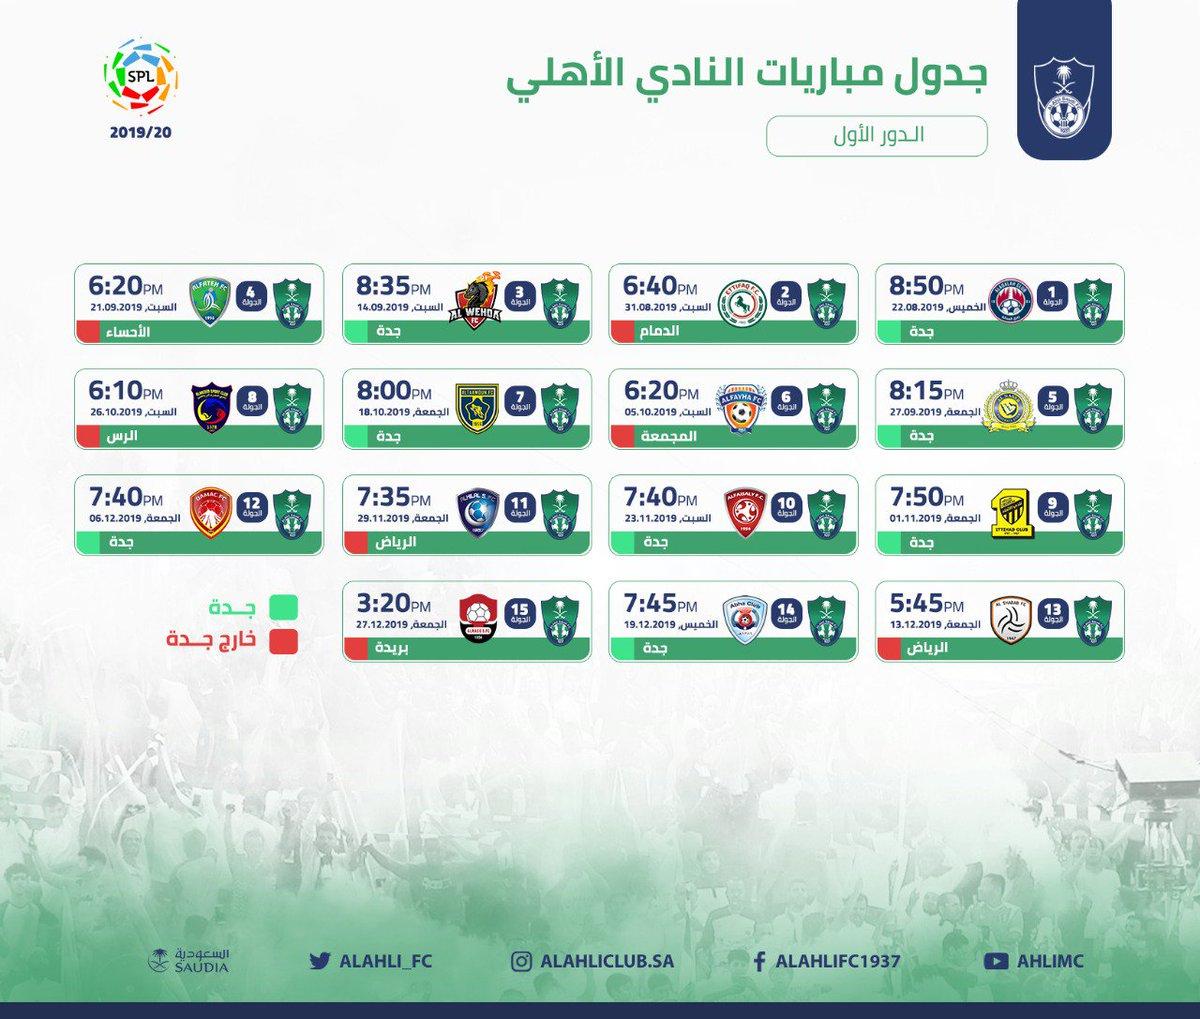 جدول جميع مباريات الاهلي في الدوري السعودي للمحترفين